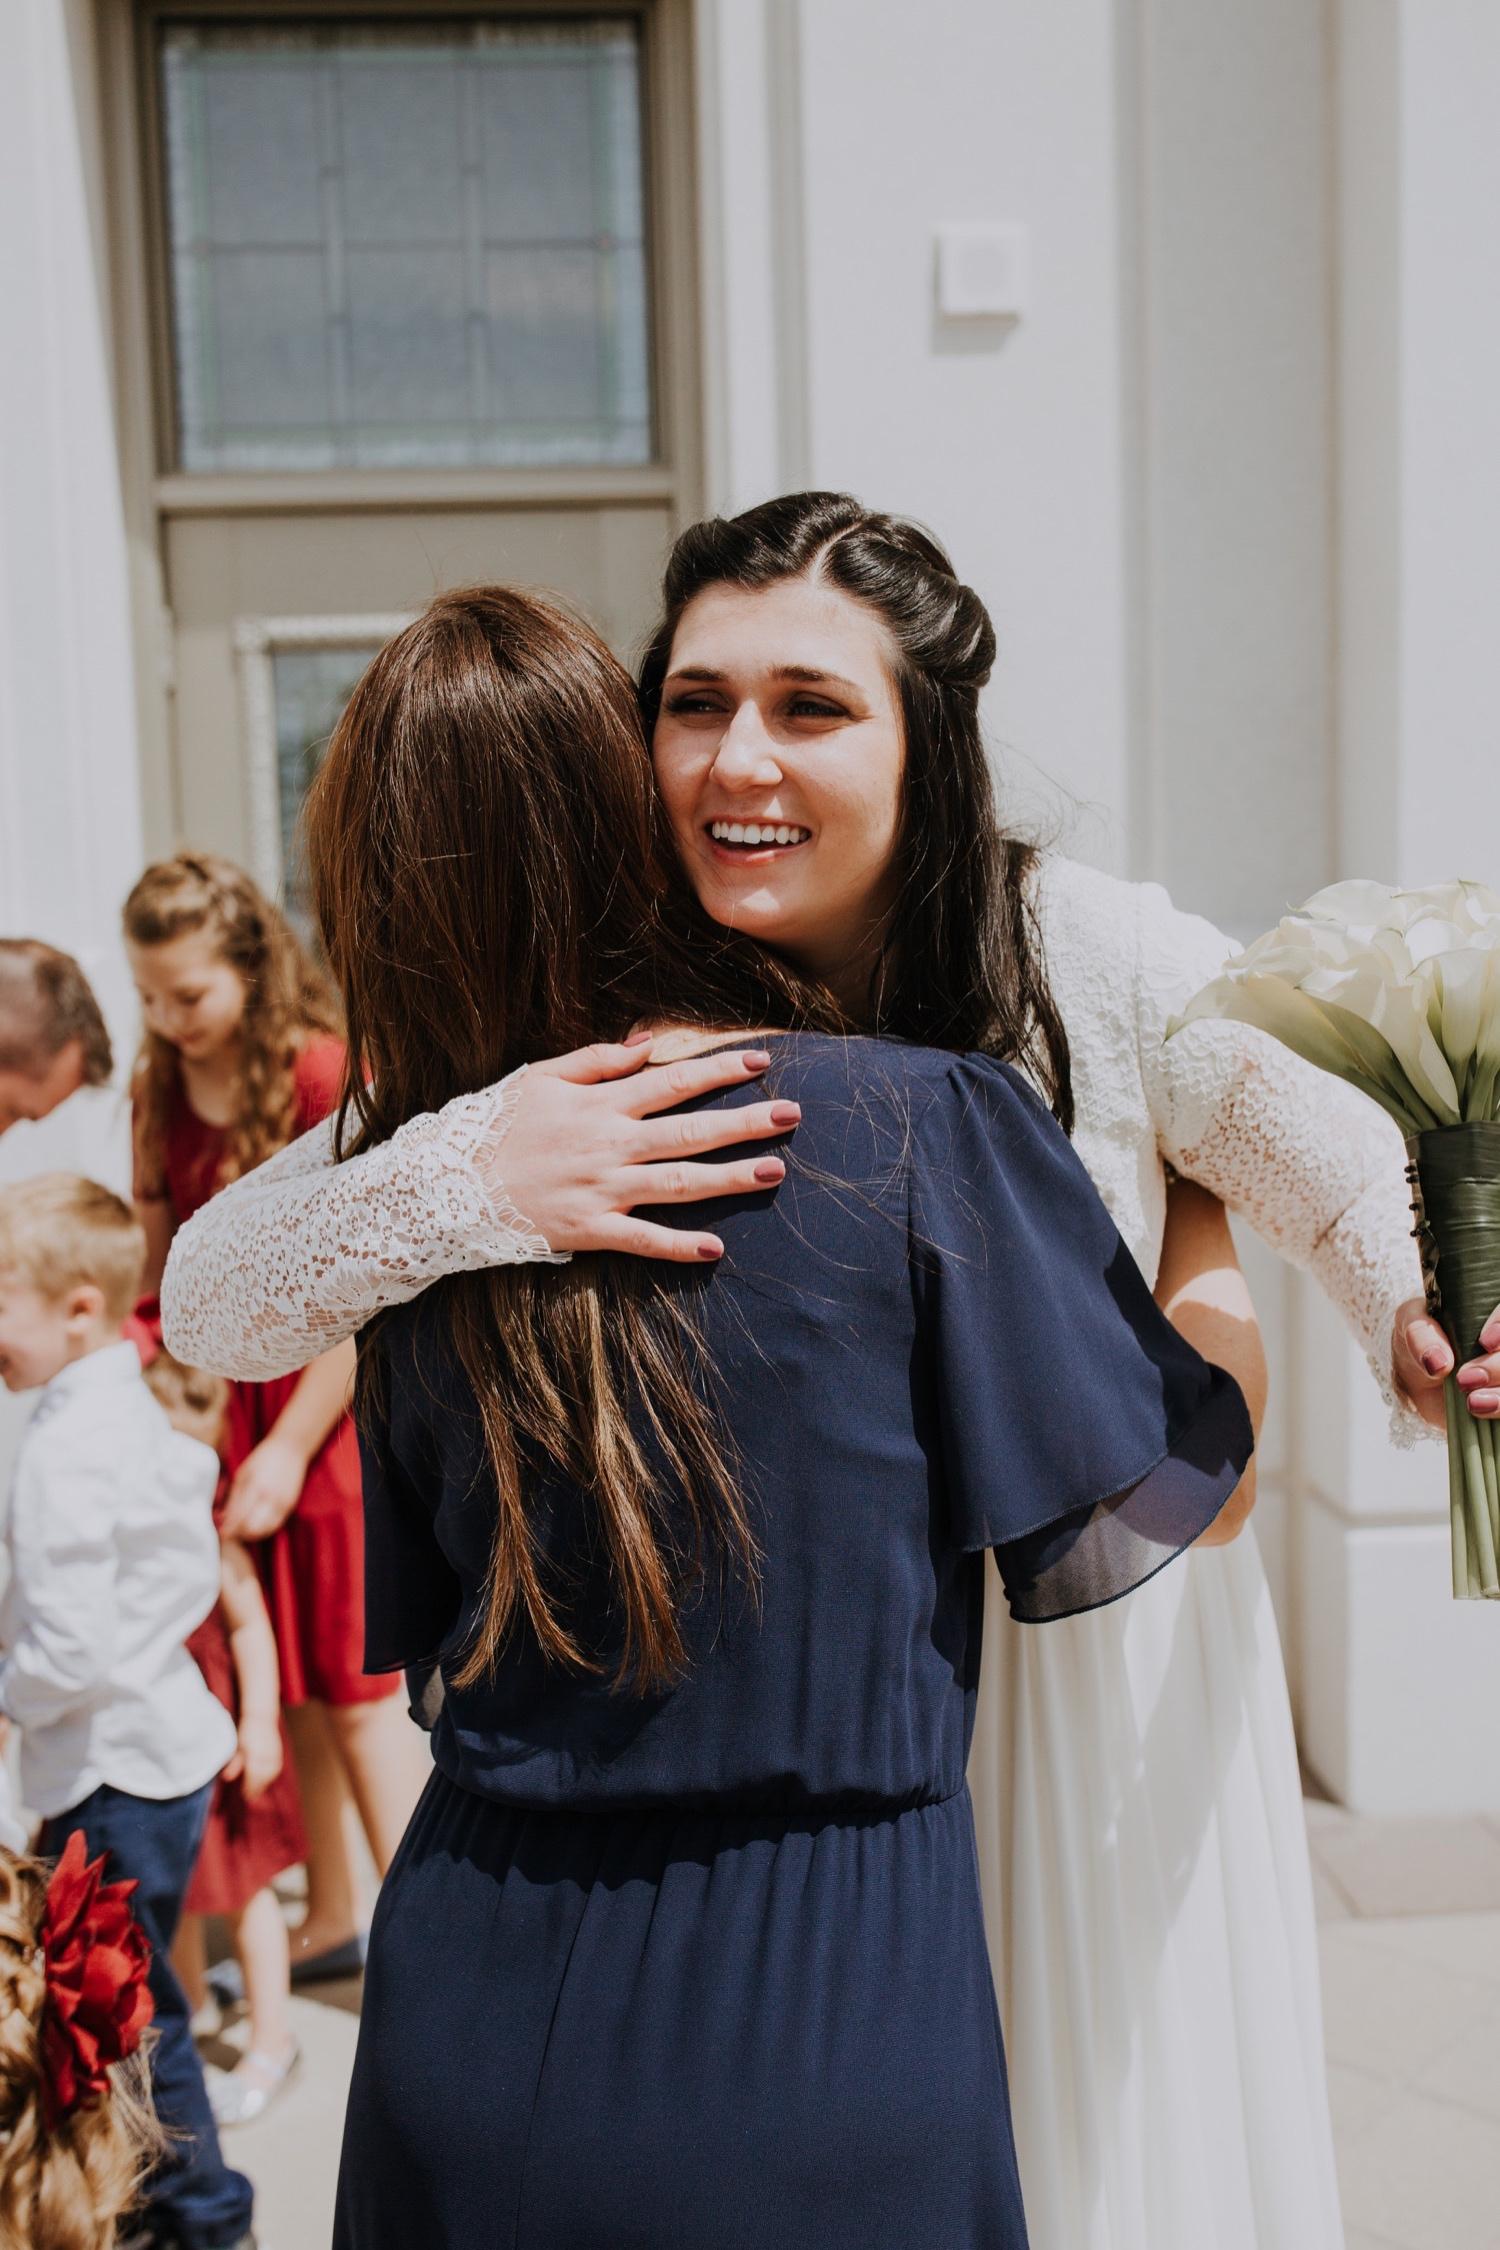 07_pocatello-wedding-Photographer-70.jpg